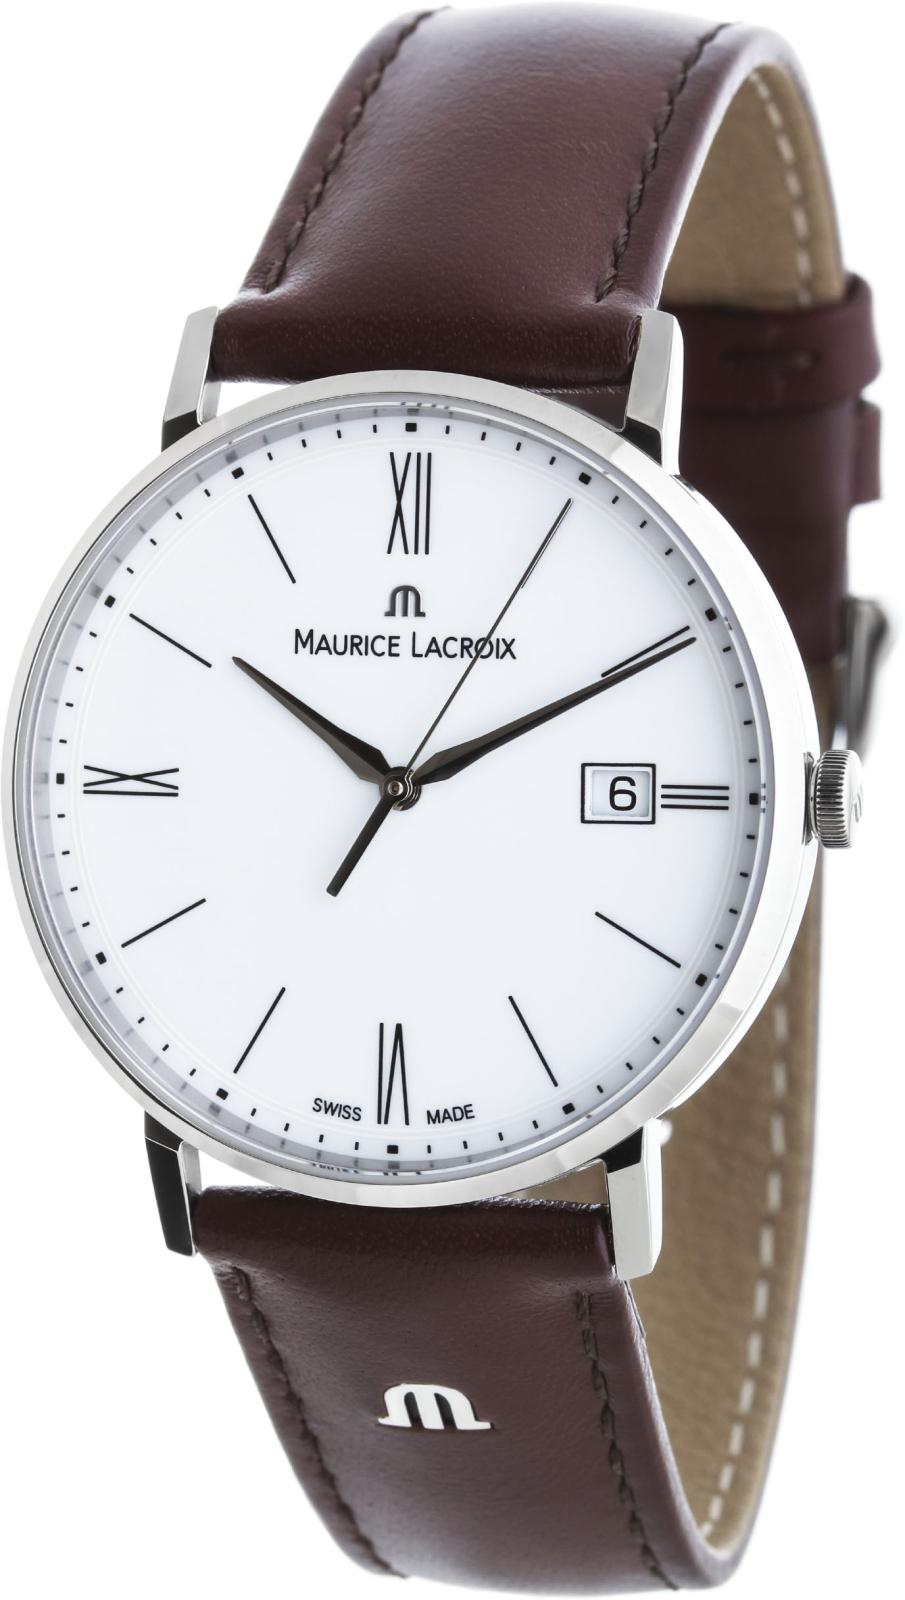 Maurice Lacroix Eliros EL1087-SS001-111-2Наручные часы<br>Швейцарские часы Maurice Lacroix Eliros EL1087-SS001-111-2<br><br>Пол: Мужские<br>Страна-производитель: Швейцария<br>Механизм: Кварцевый<br>Материал корпуса: Сталь<br>Материал ремня/браслета: Кожа<br>Водозащита, диапазон: 20 - 100 м<br>Стекло: Сапфировое<br>Толщина корпуса: None<br>Стиль: Классика